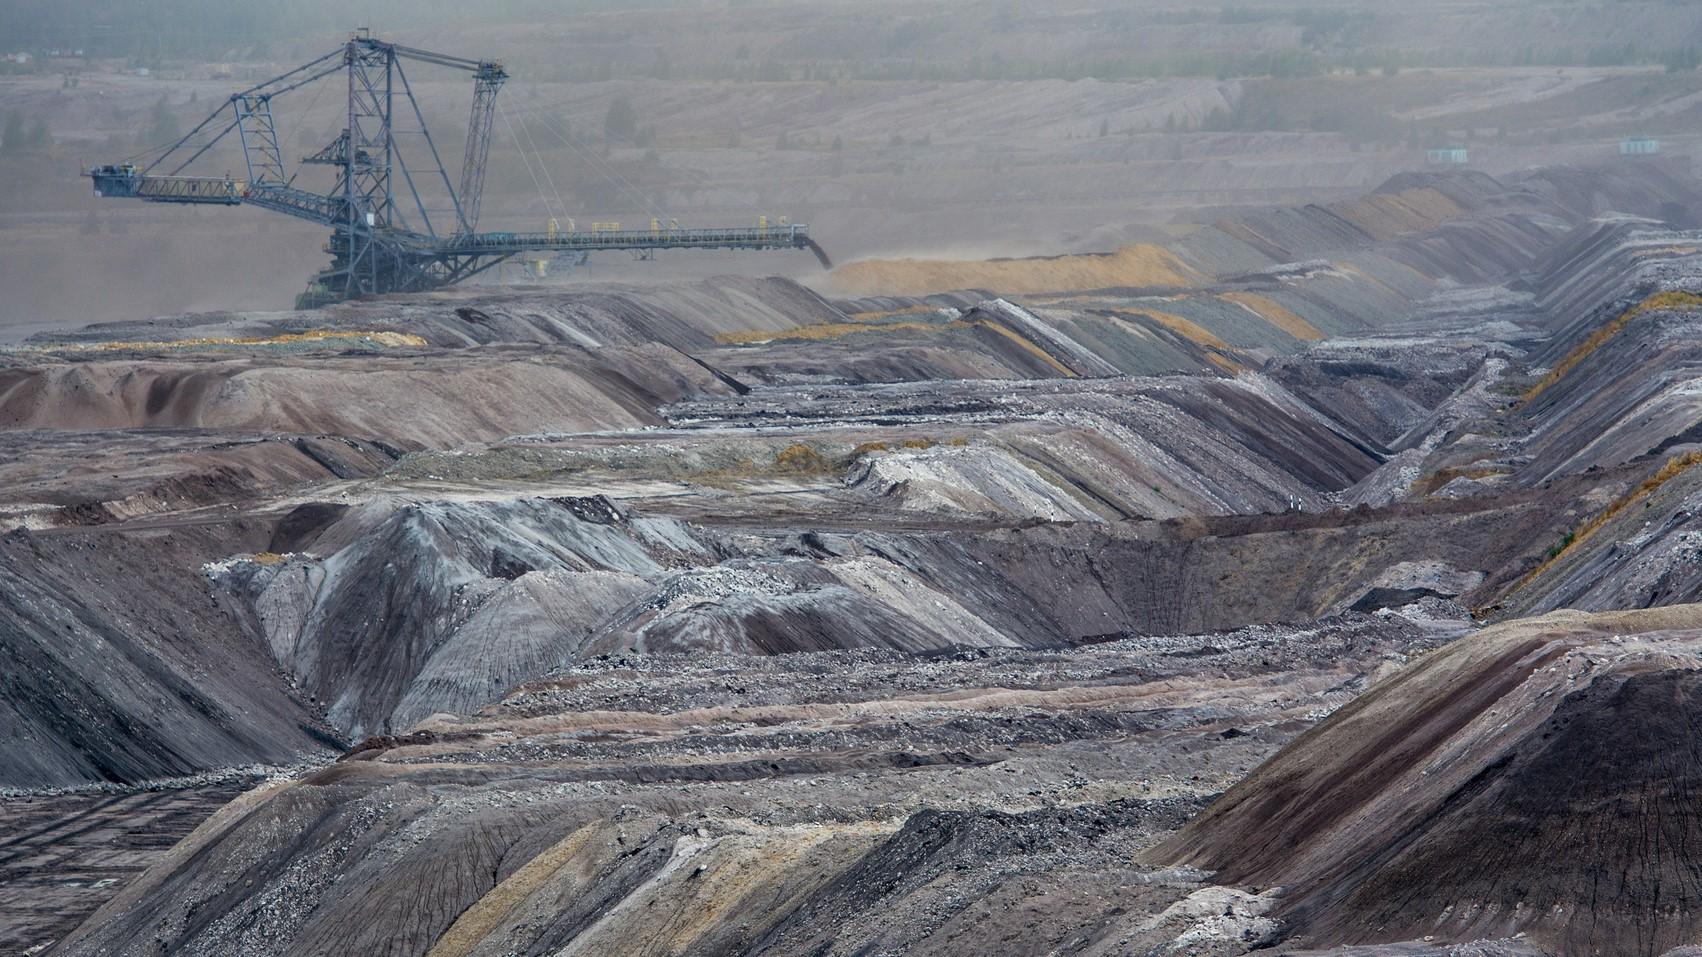 węgiel brunatny kopalnia - Fotolia